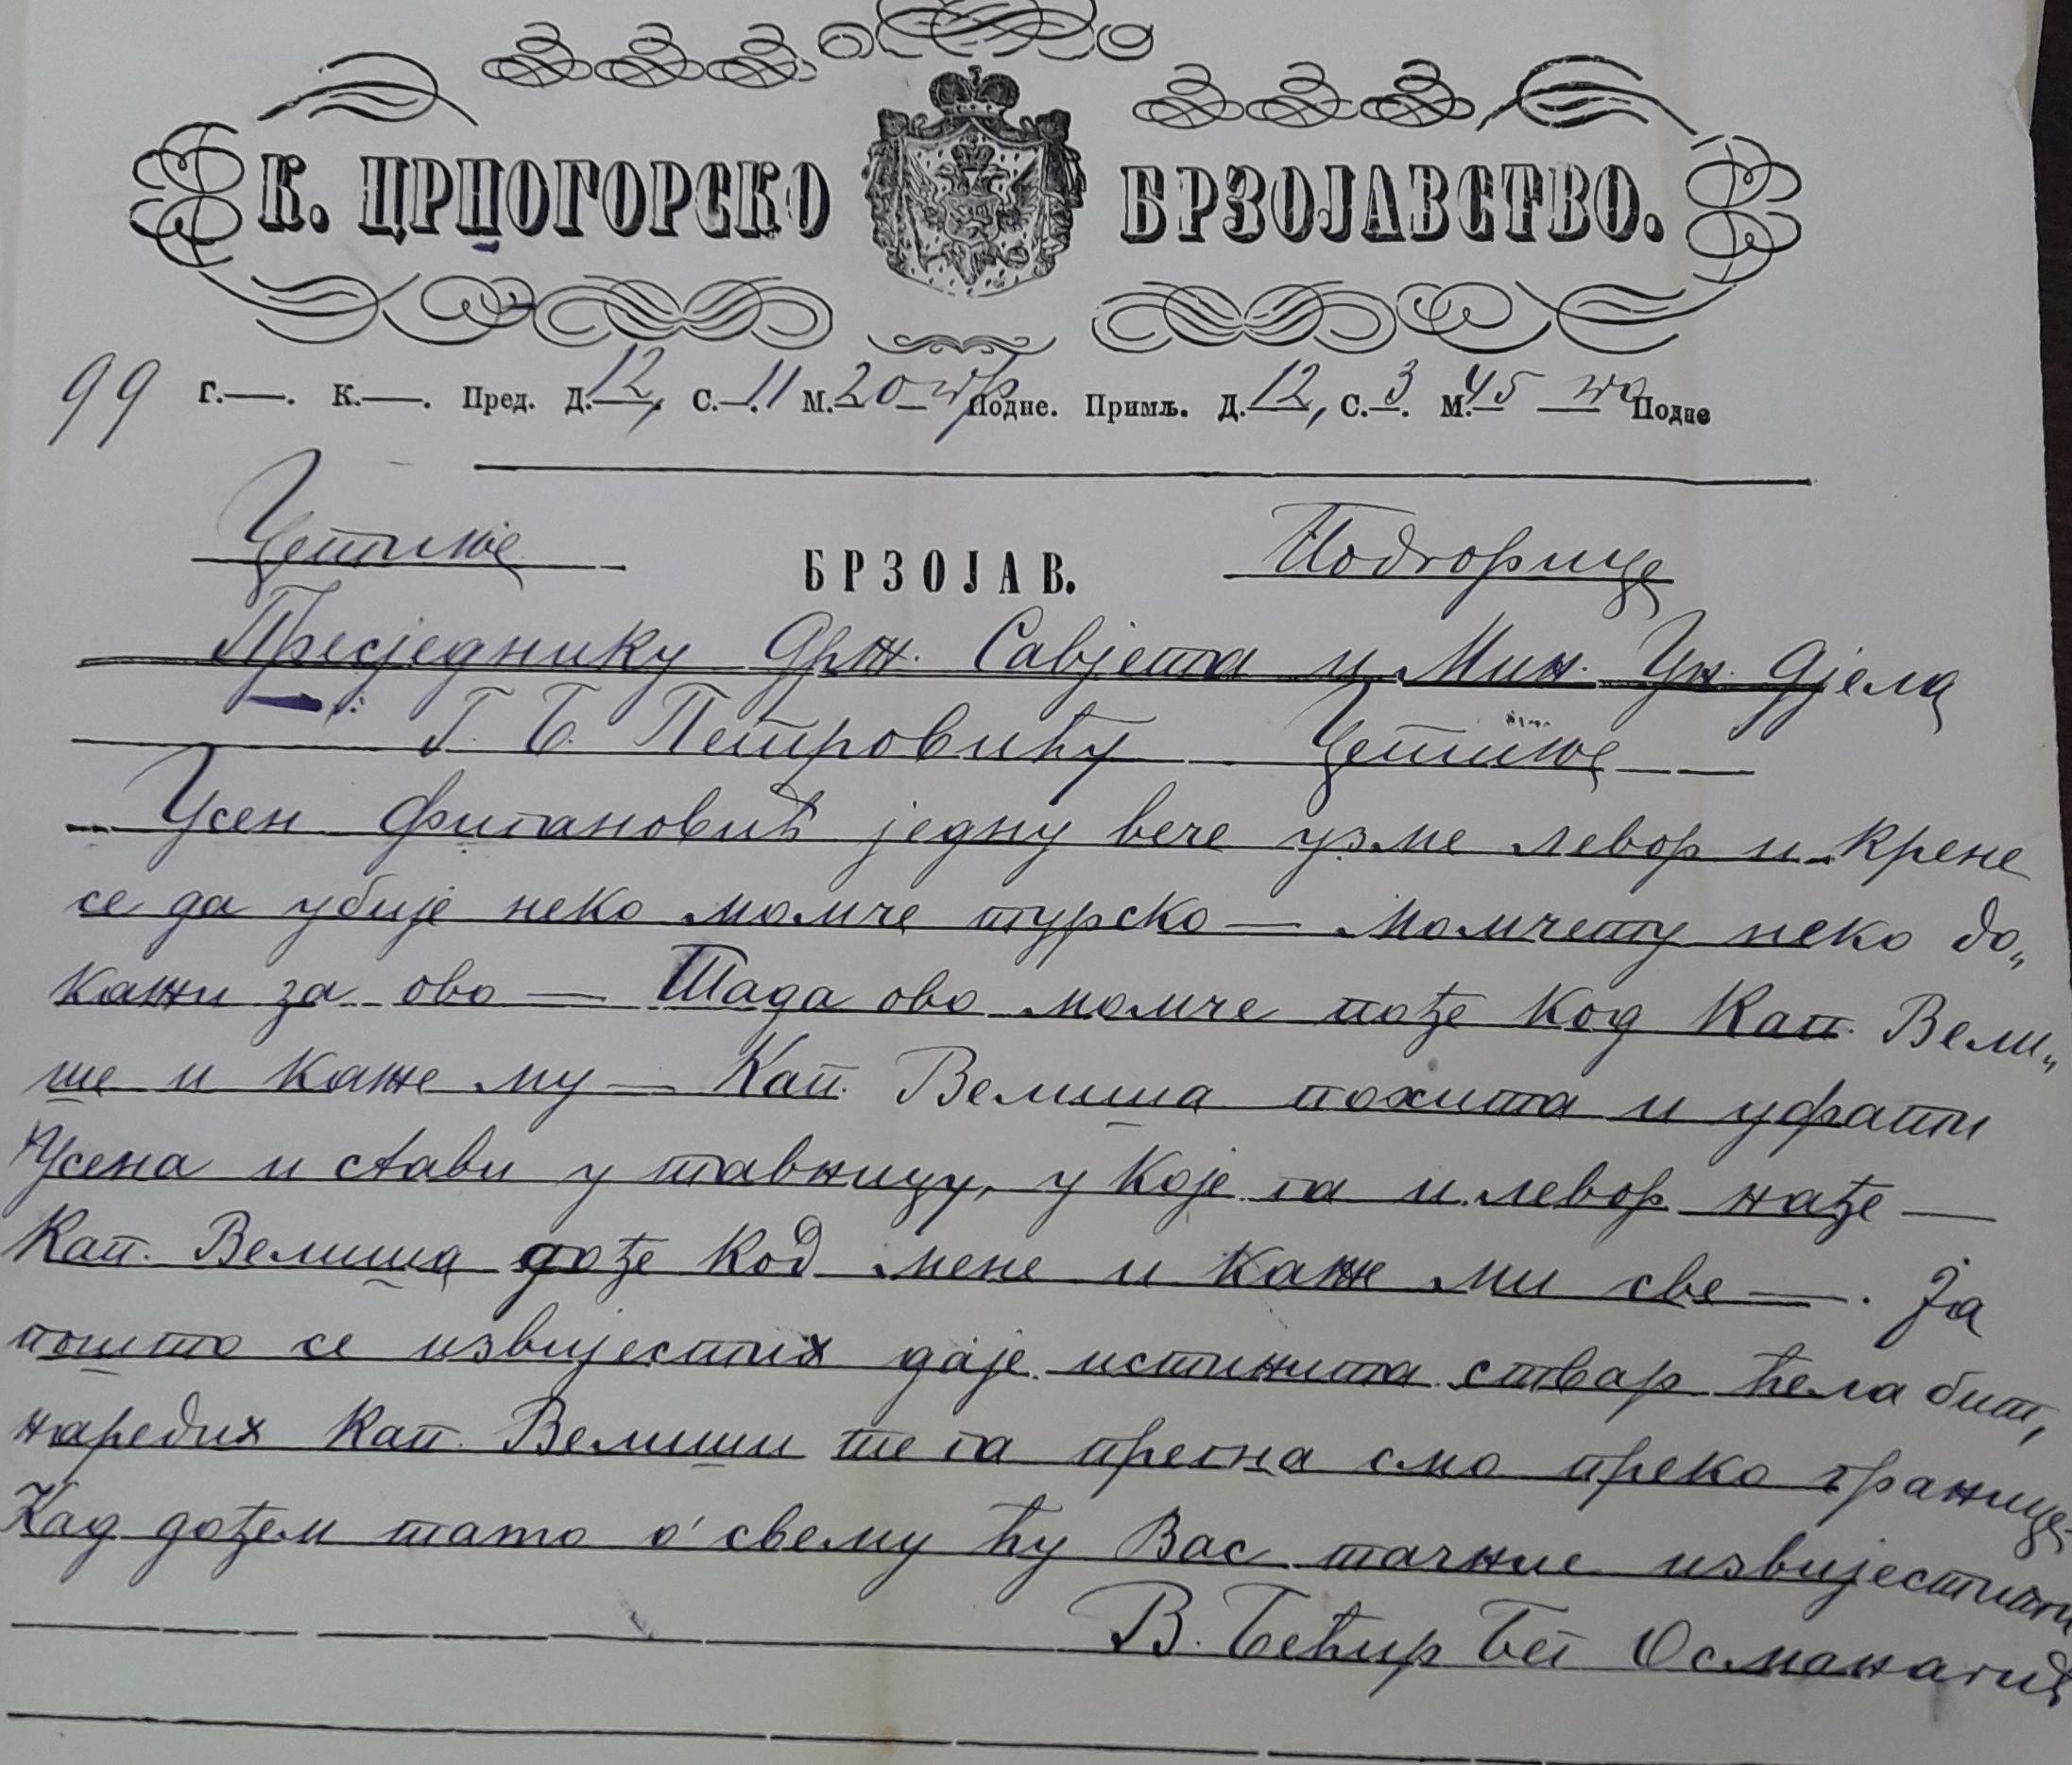 Obavještenje vojvode Bećir bega Osmanagića u prognanstvu muslimana koji je izvršio pokušaj ubistva, MUD, 1884